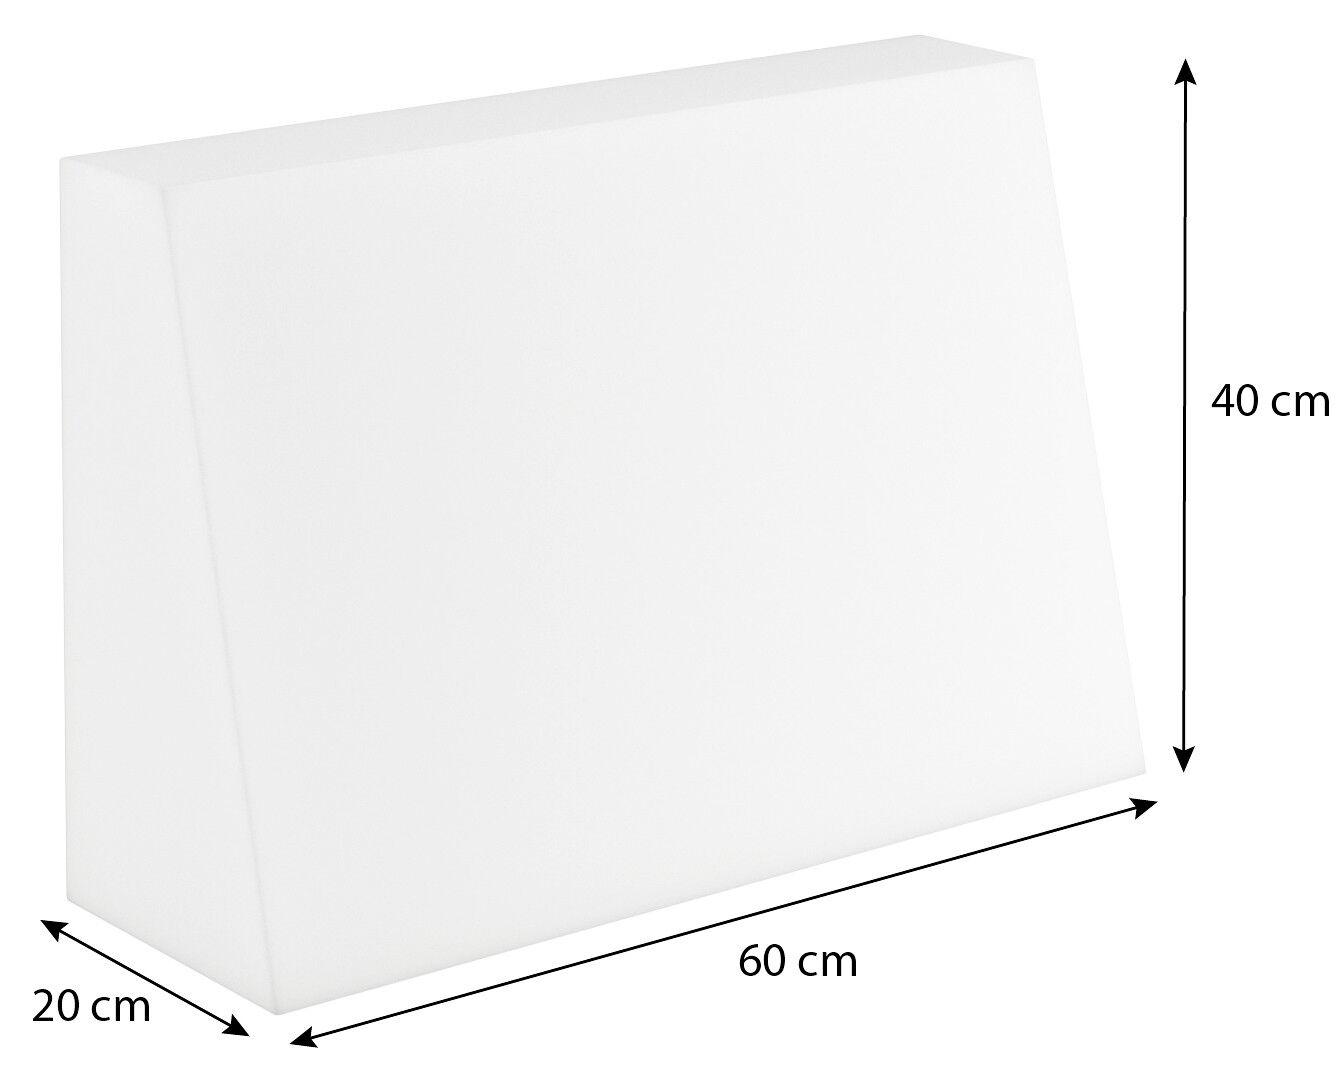 Schaumstoffplatte für Europalette Polsterauflage Matratze Zuschnitt 120x80cm Rückenkissen 60x40x20/10cm